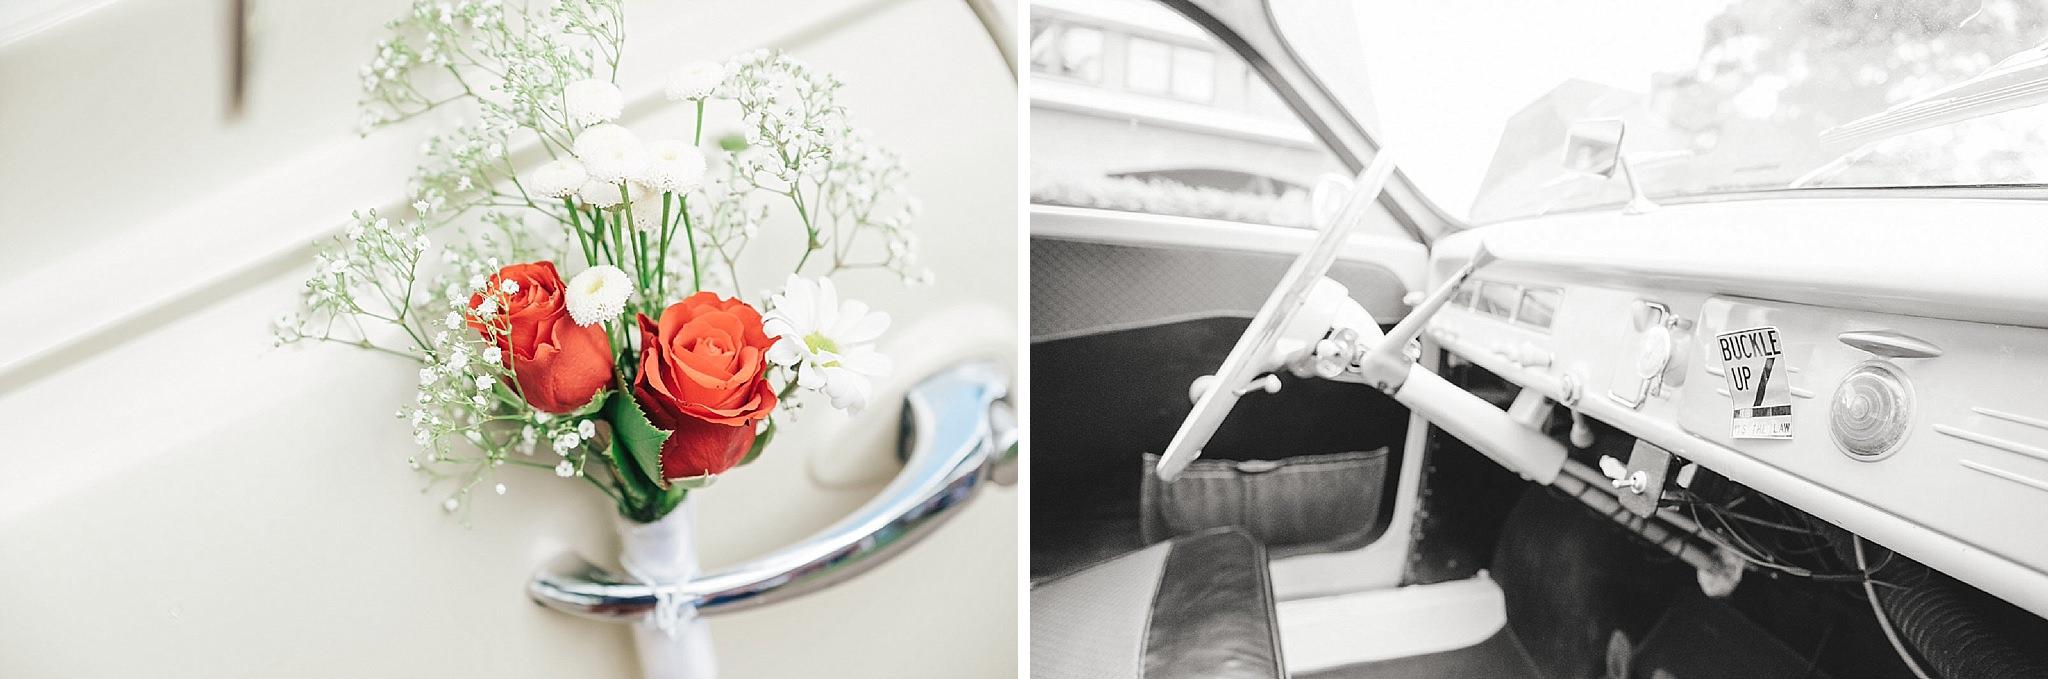 Anke en Valentijn-054.jpg